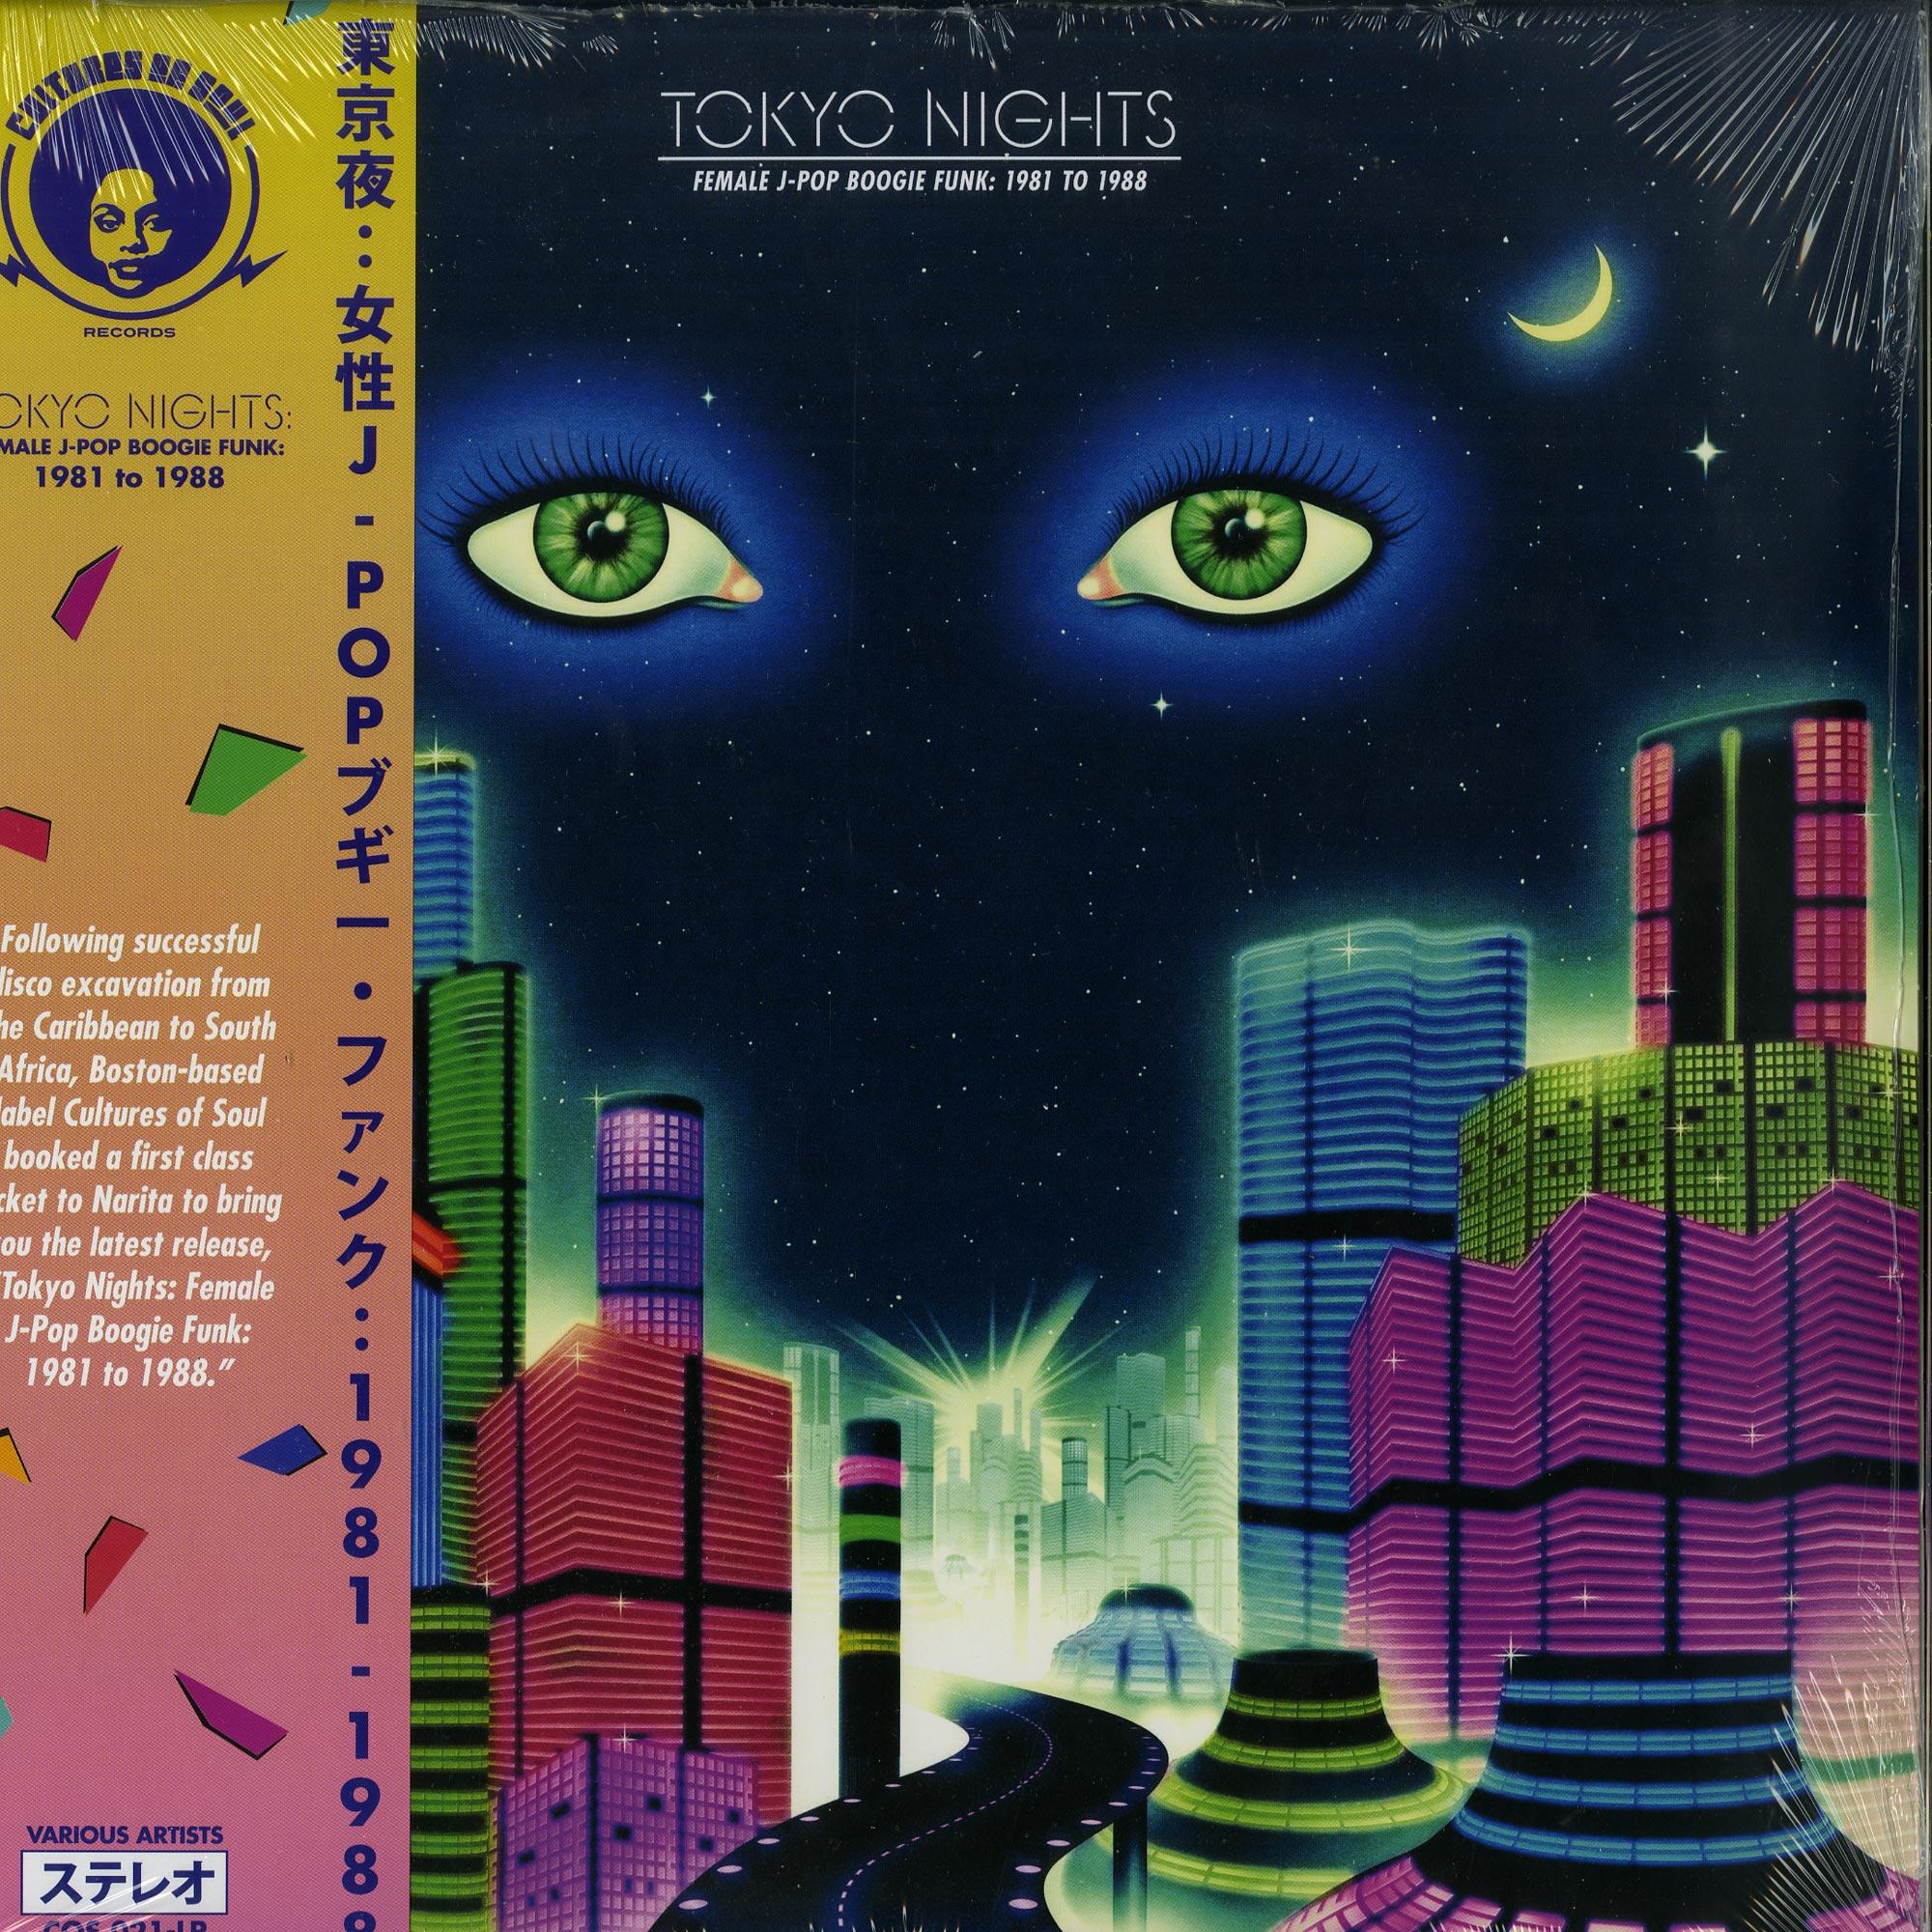 Various Artists - TOKYO NIGHTS: FEMALE J POP BOOGIE FUNK 1981-1988